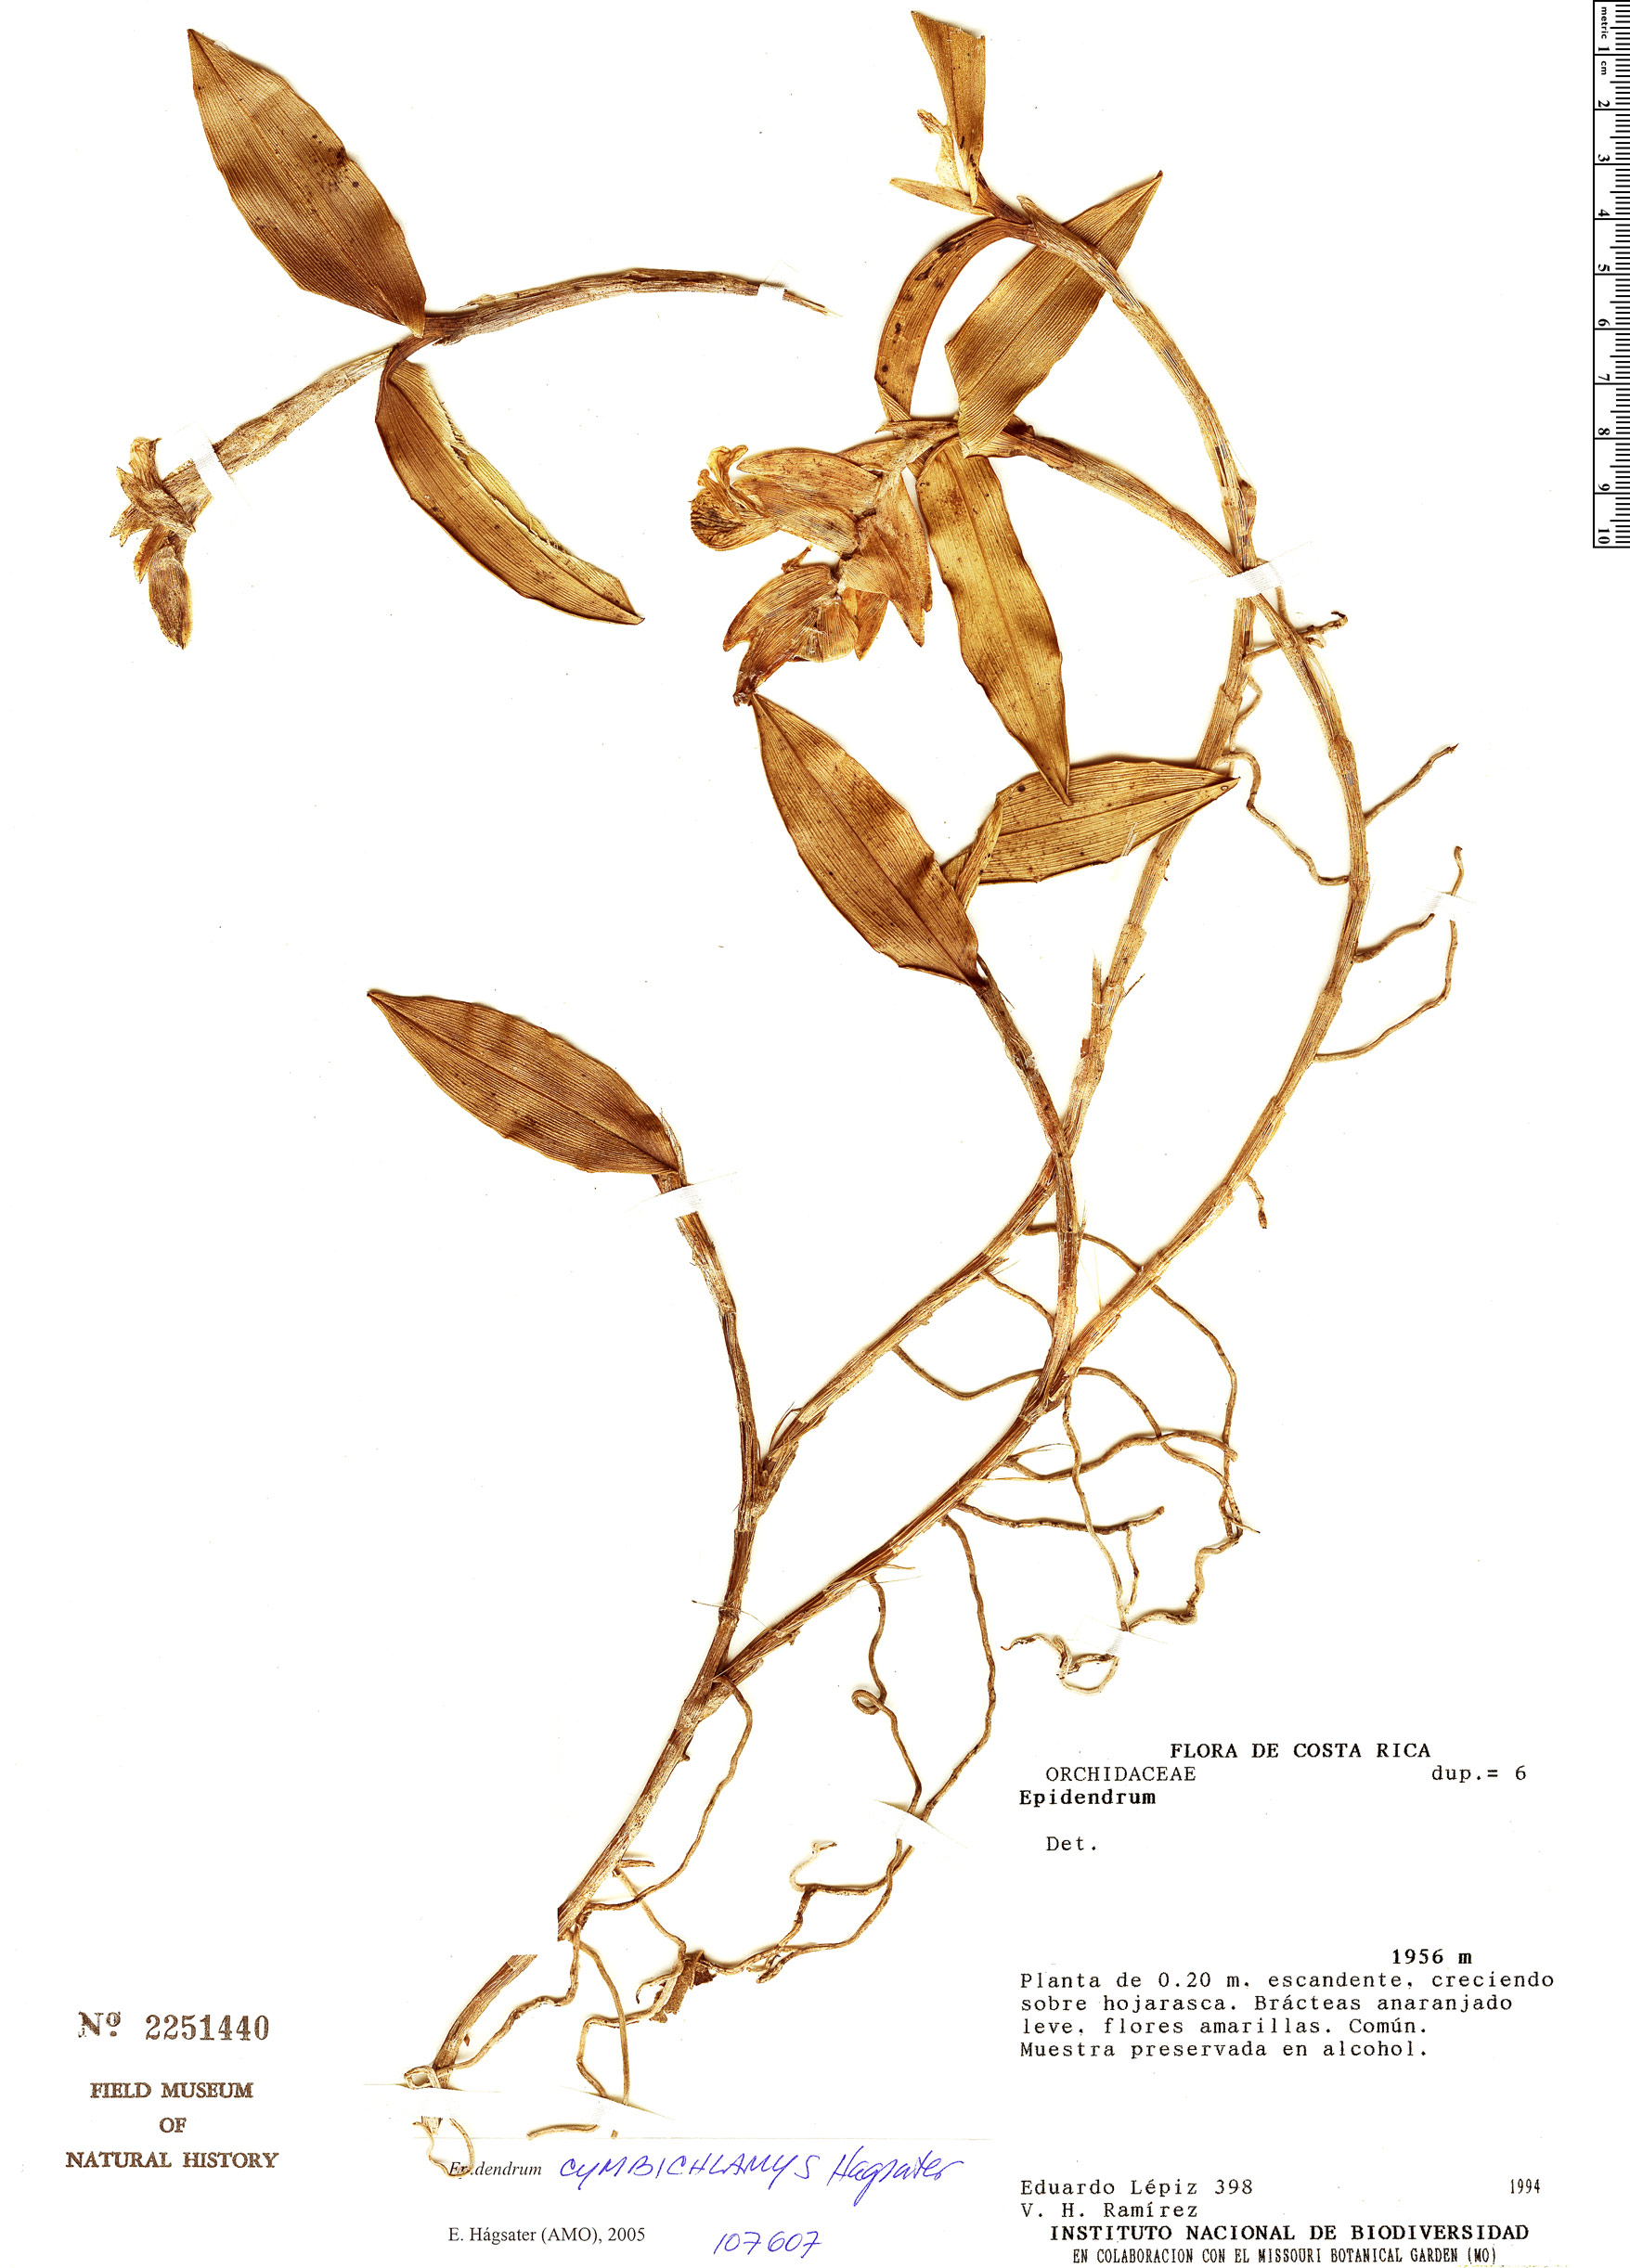 Specimen: Epidendrum polychlamys